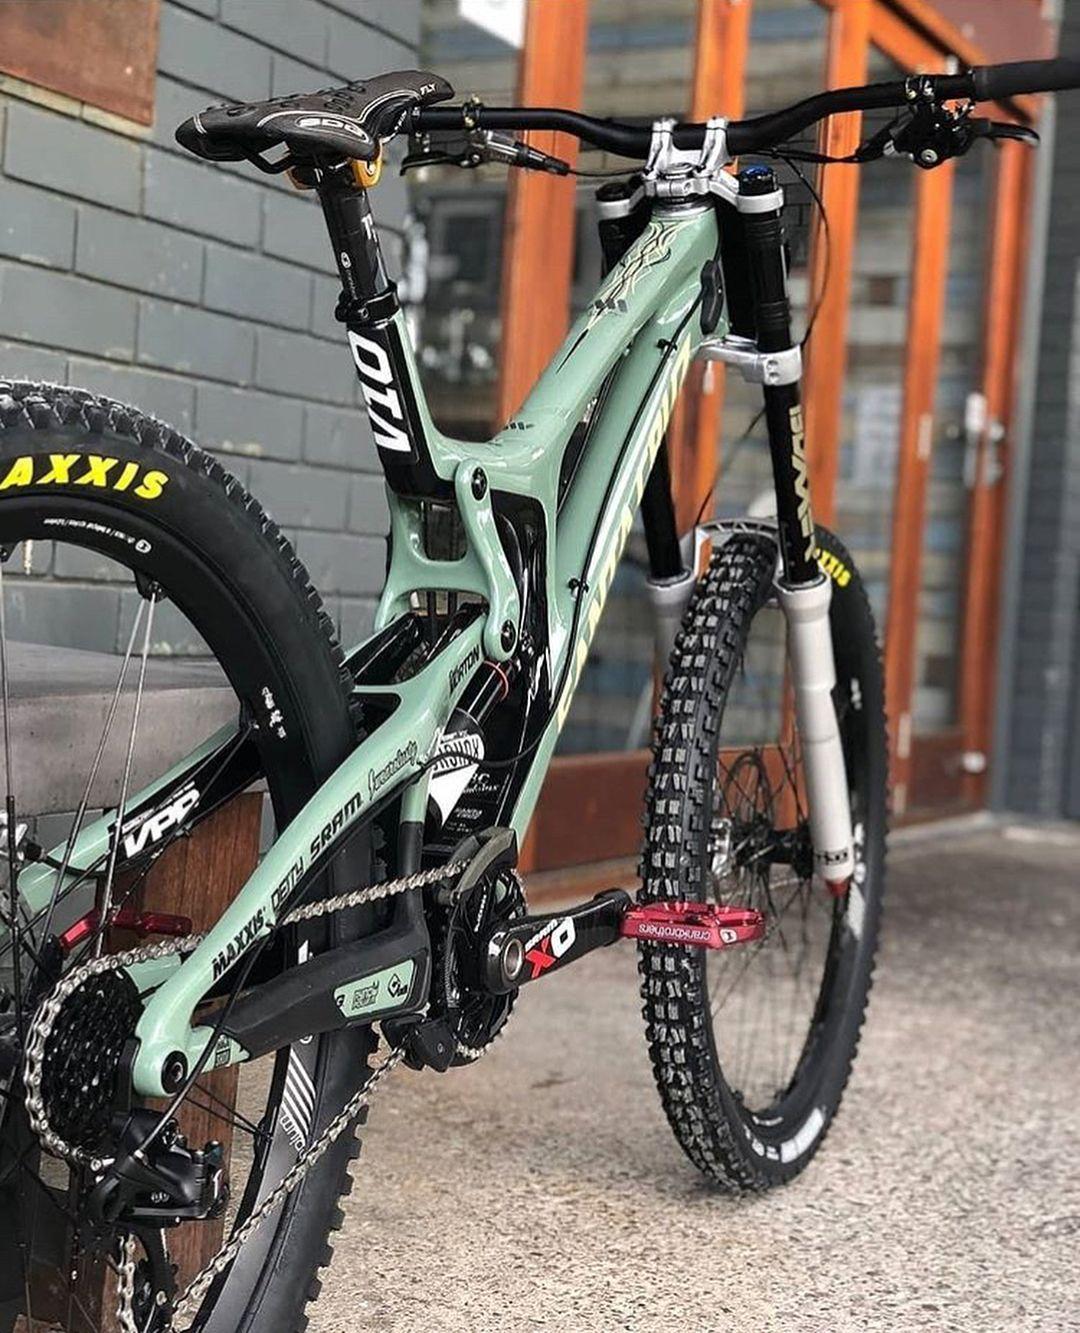 La Imagen Puede Contener Bicicleta Mtb Bike Mountain Bicycle Mountain Bike Mtb Bicycle